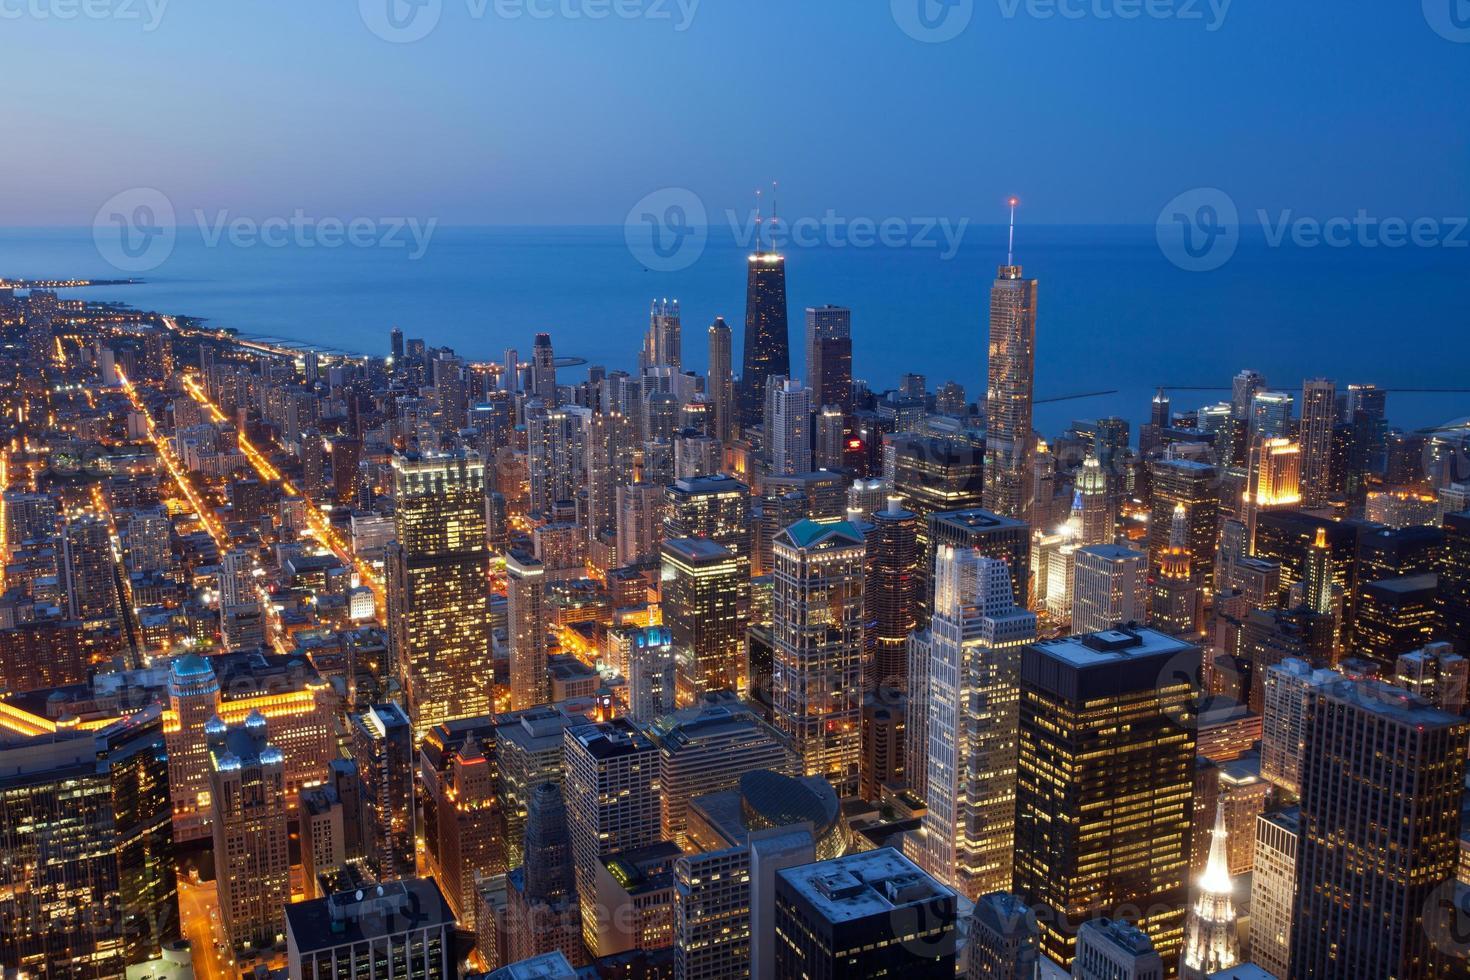 città di chicago. foto